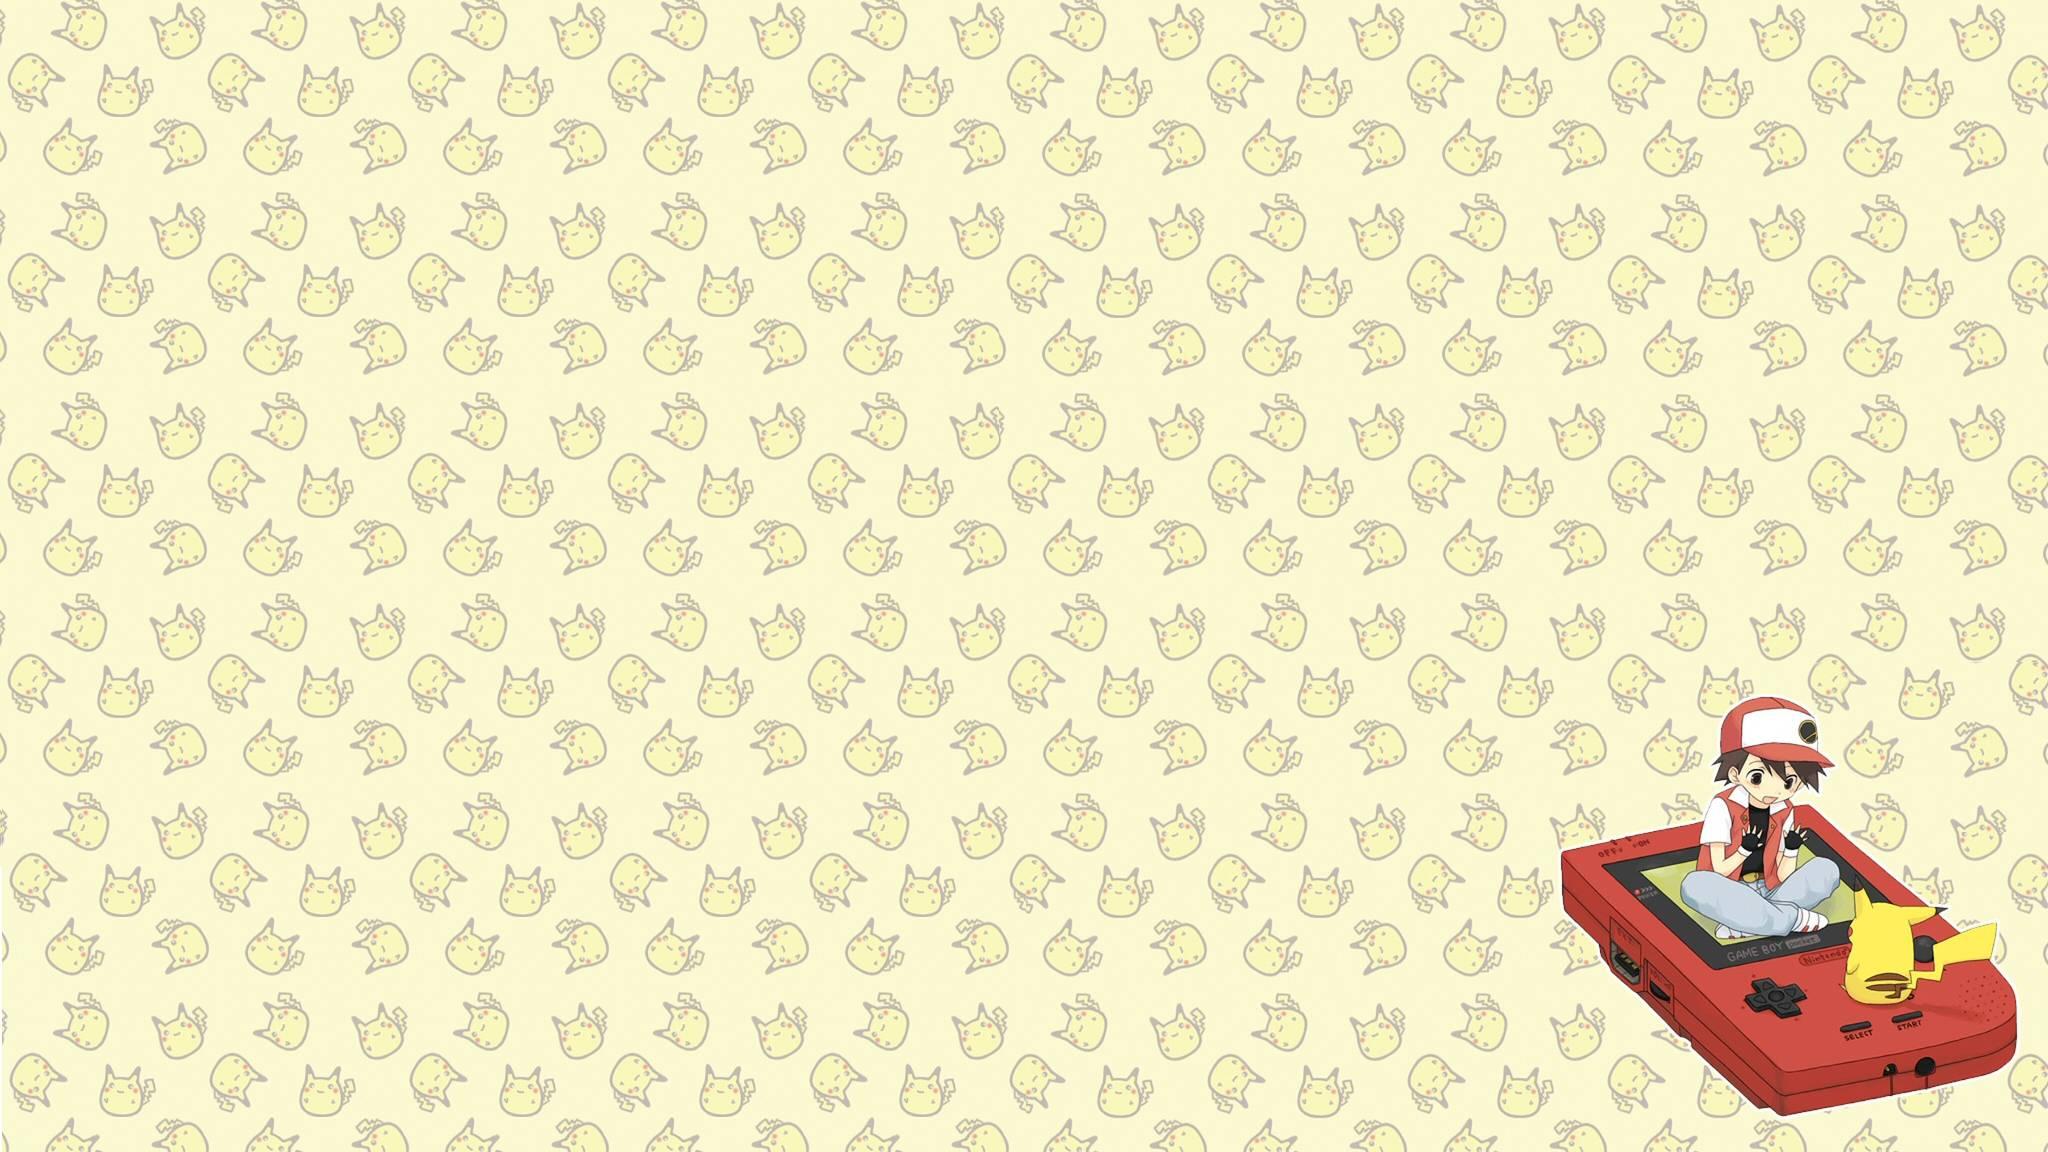 Pokemon Pikachu 20481152 Wallpaper 933499 2048x1152